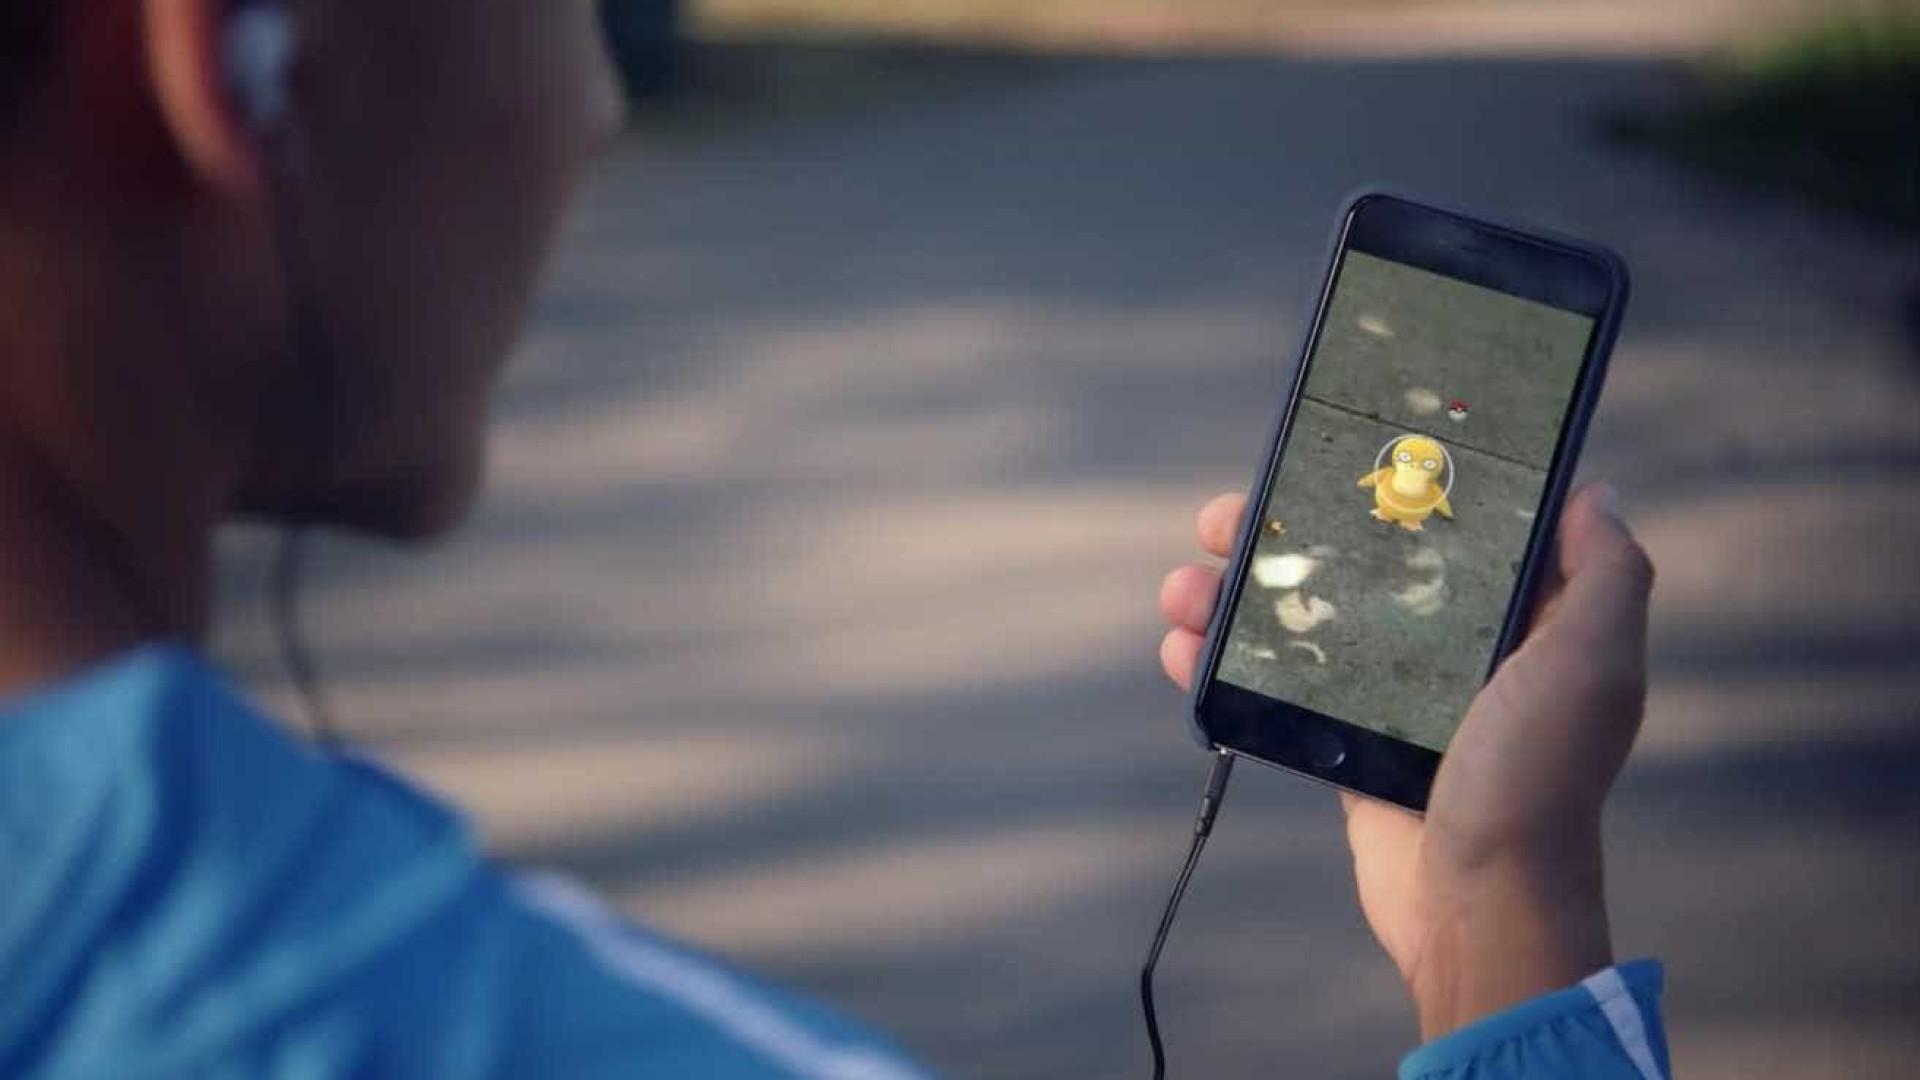 Campanhas de Pokémon Go superam Dia dos Pais 486601a640a3c